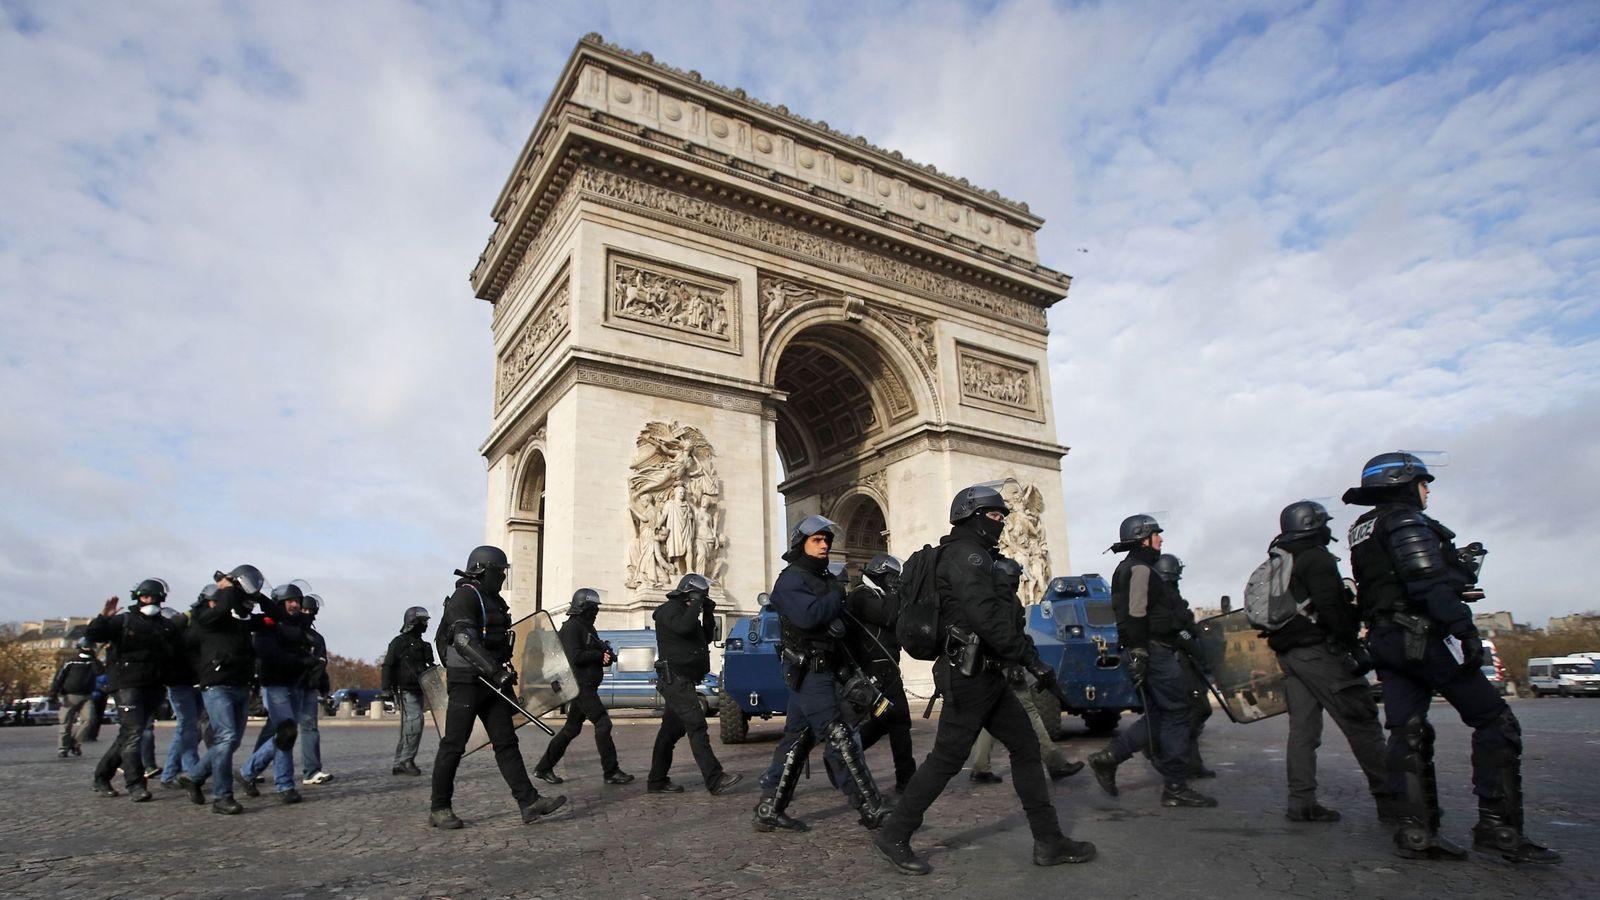 Foto: Policías antidisturbios de Francia desplegados para bloquear el acceso al Arco de Triunfo, en París. (EFE)